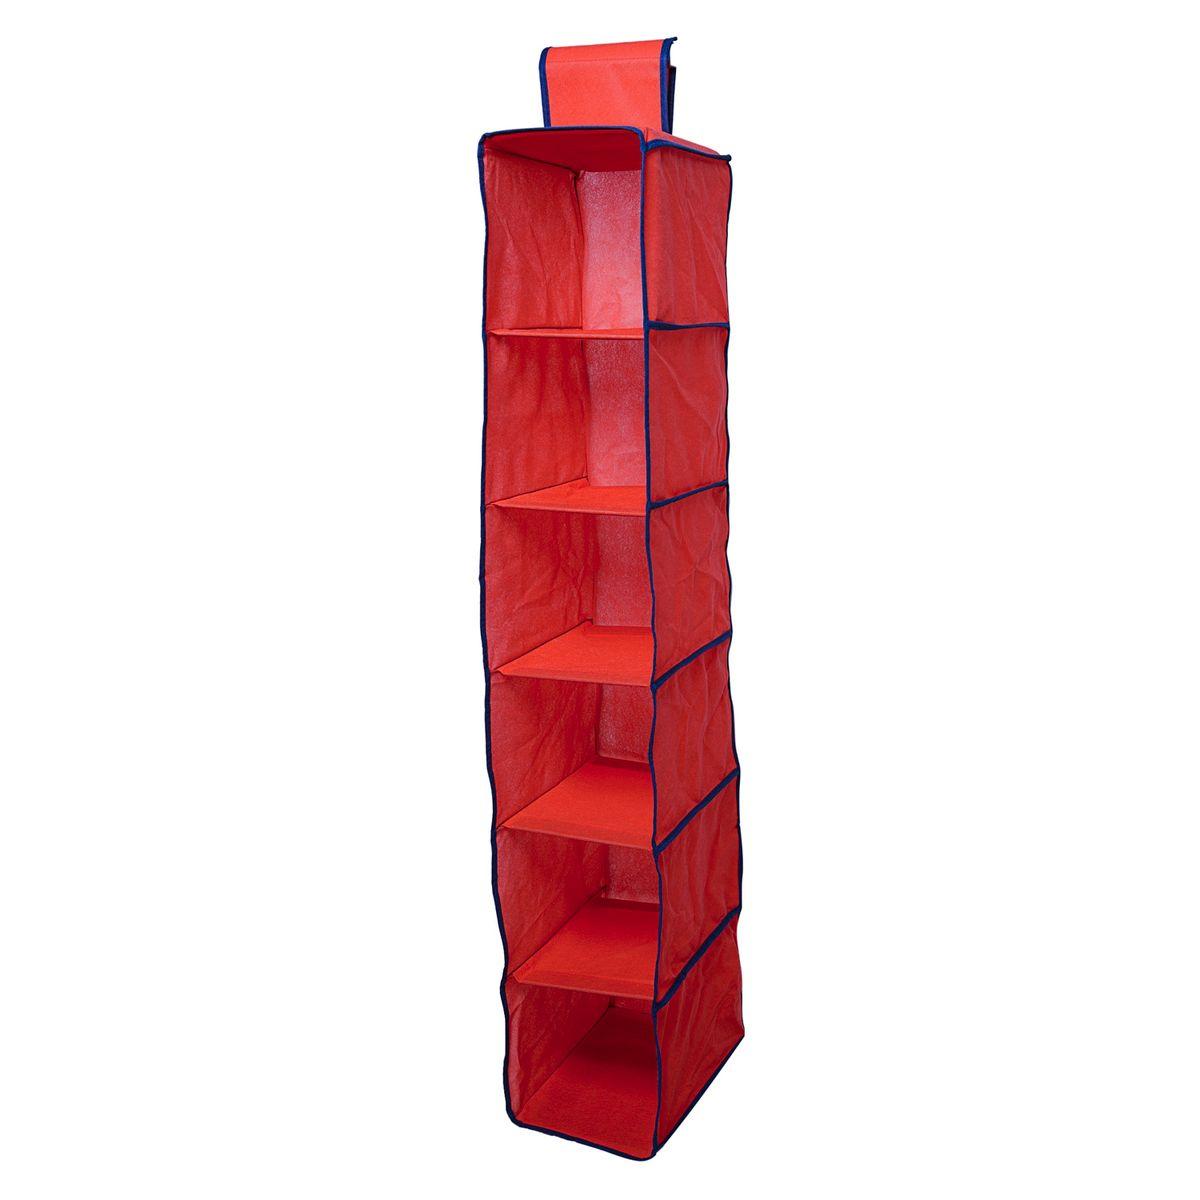 Органайзер подвесной Homsu Rosso, 6 полок, 120 х 22 х 30 см74-0120Подвесной органайзер Homsu Rosso выполнен из прочного полиэстера - материала, который отличается прочностью, водоотталкивающими свойствами и практичностью. Изделие имеет 6 полок для хранения различных предметов, в том числе одежды, детских игрушек. Органайзер подвешивается к карнизу, рейлингу, стальным трубам и крепежам с помощью специальной петли. Размер полки: 30 х 20 см.